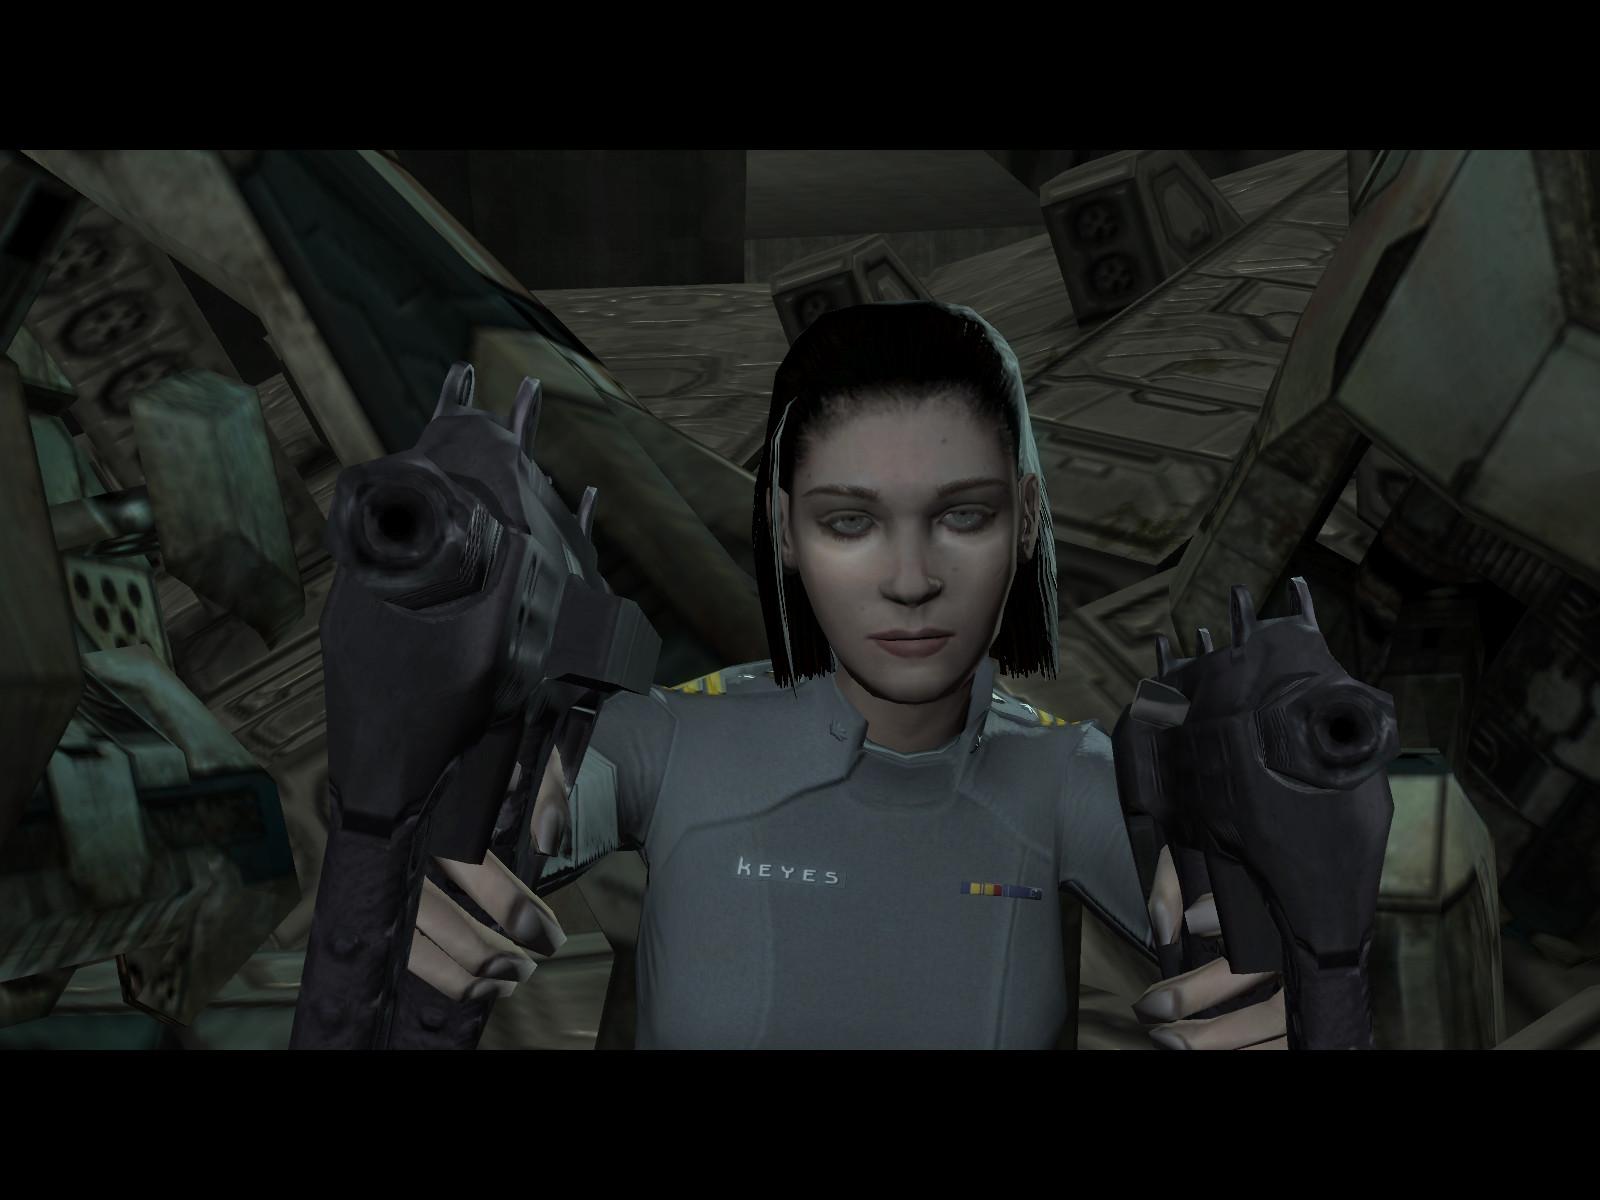 Miranda Keyes Armed 2 by KogoroMouri on DeviantArt